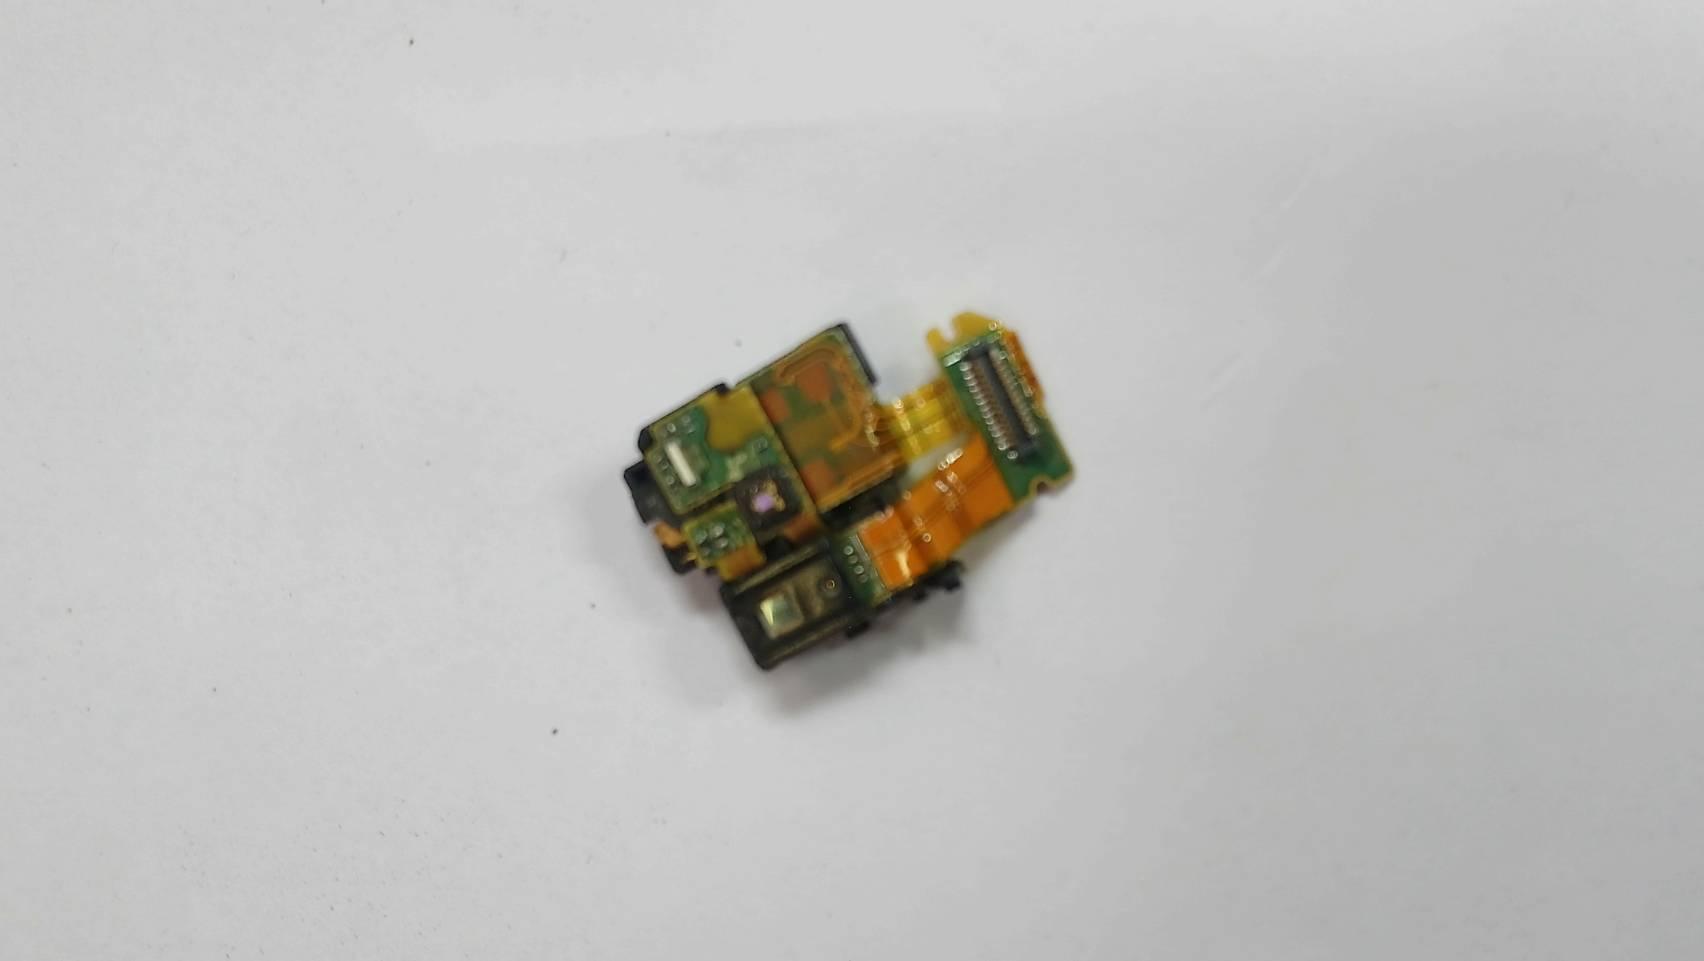 ชุดแจ๊คหูฟัง SONY xperia Z L36h L36i C6603 C6602 C6606 มือสอง